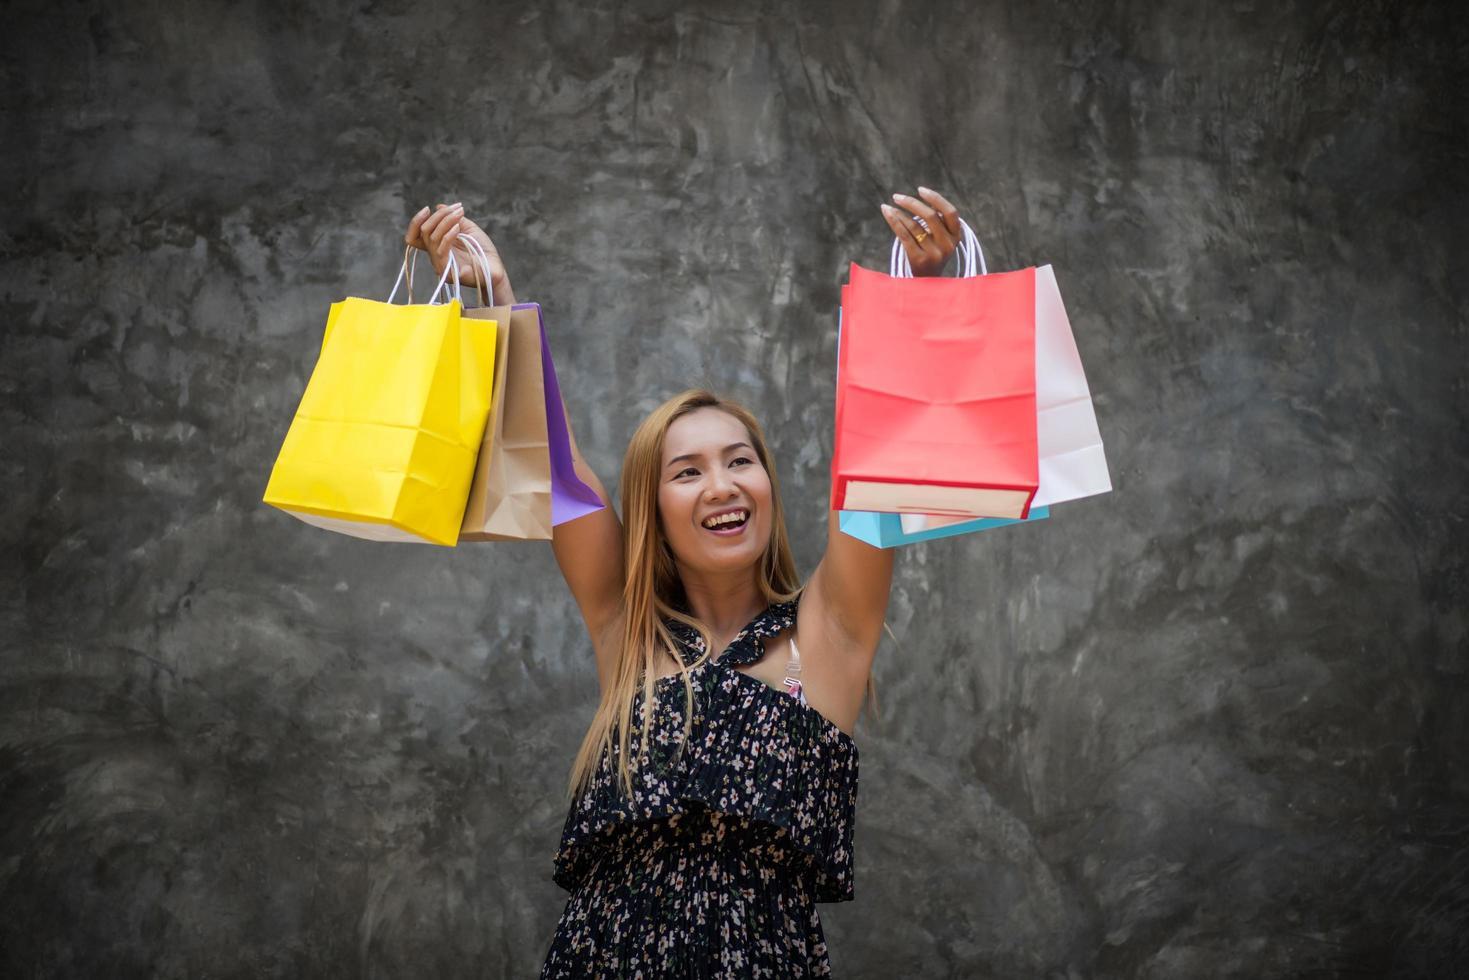 ritratto di una giovane donna sorridente felice con le borse della spesa foto